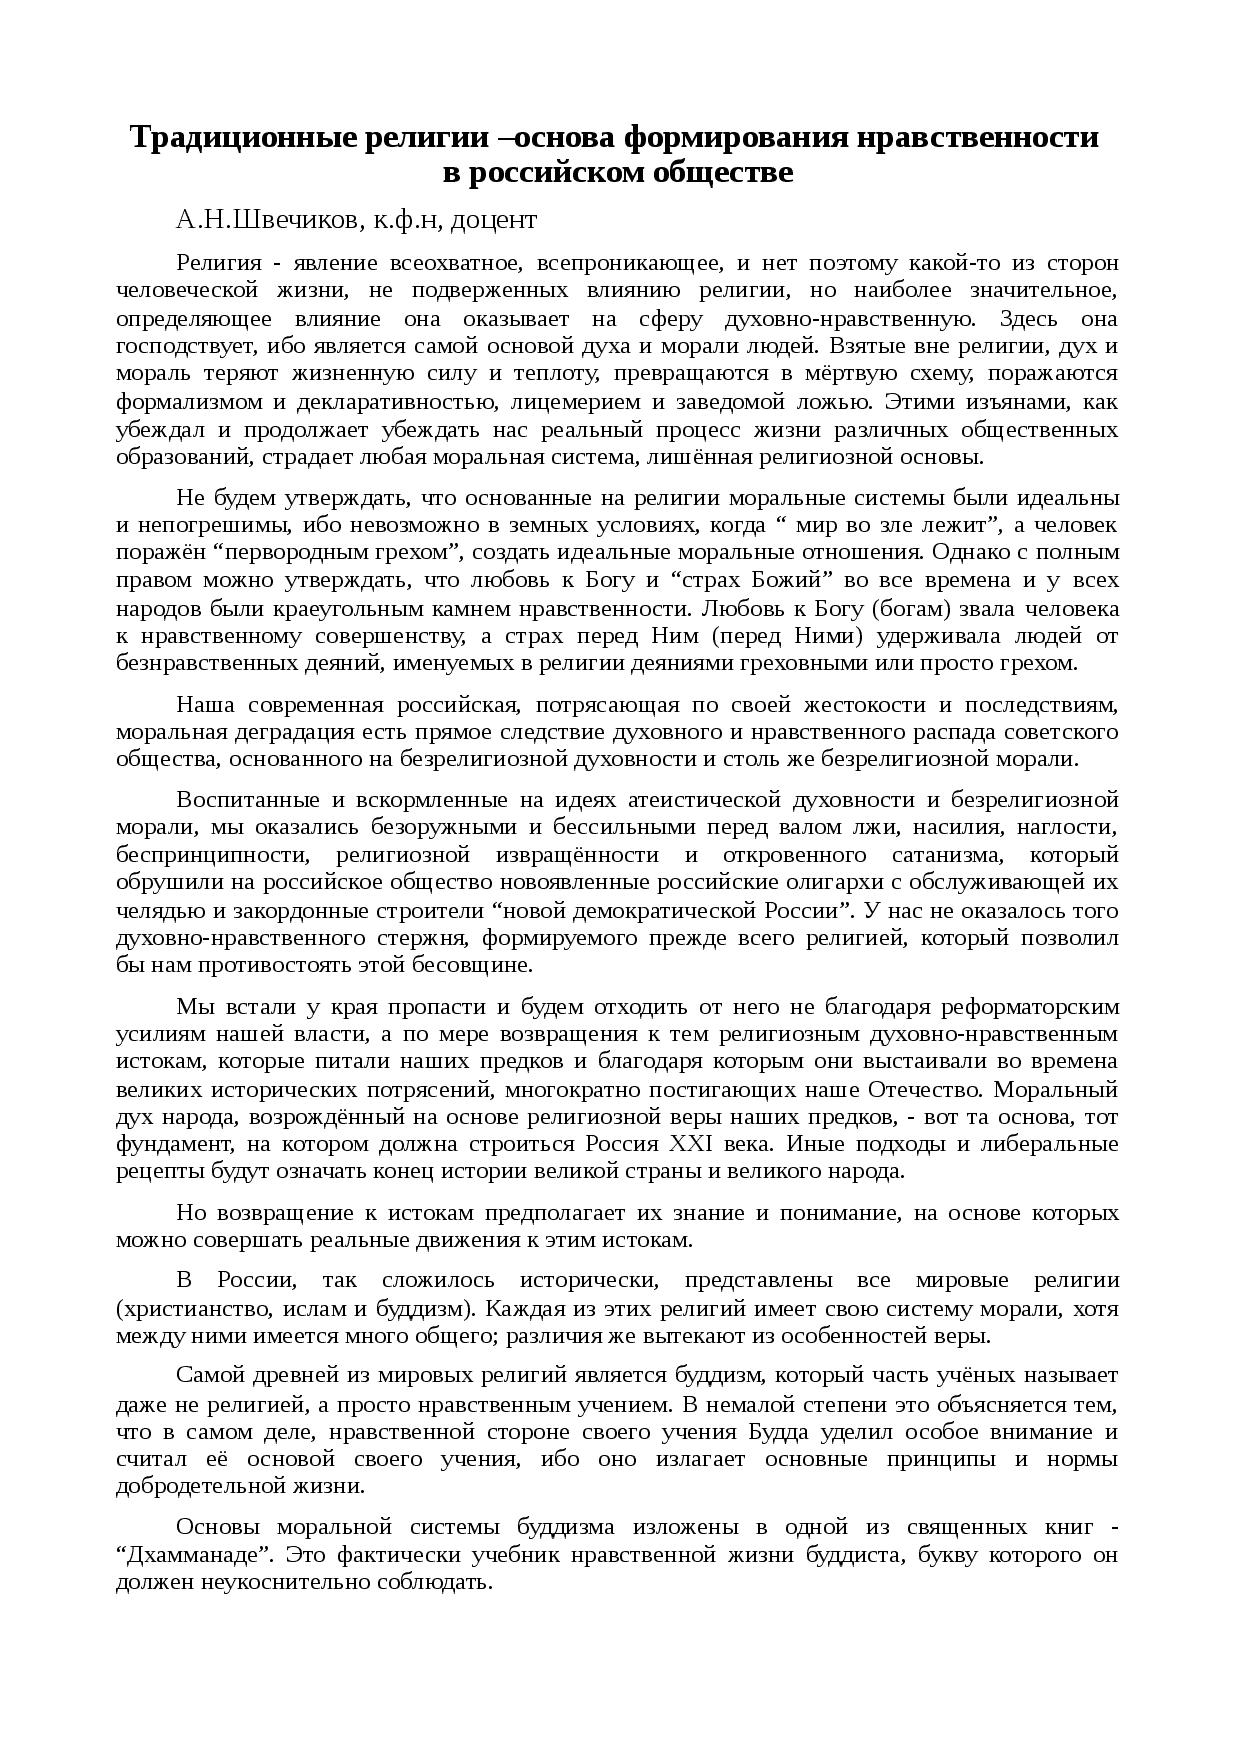 Структура современных религий